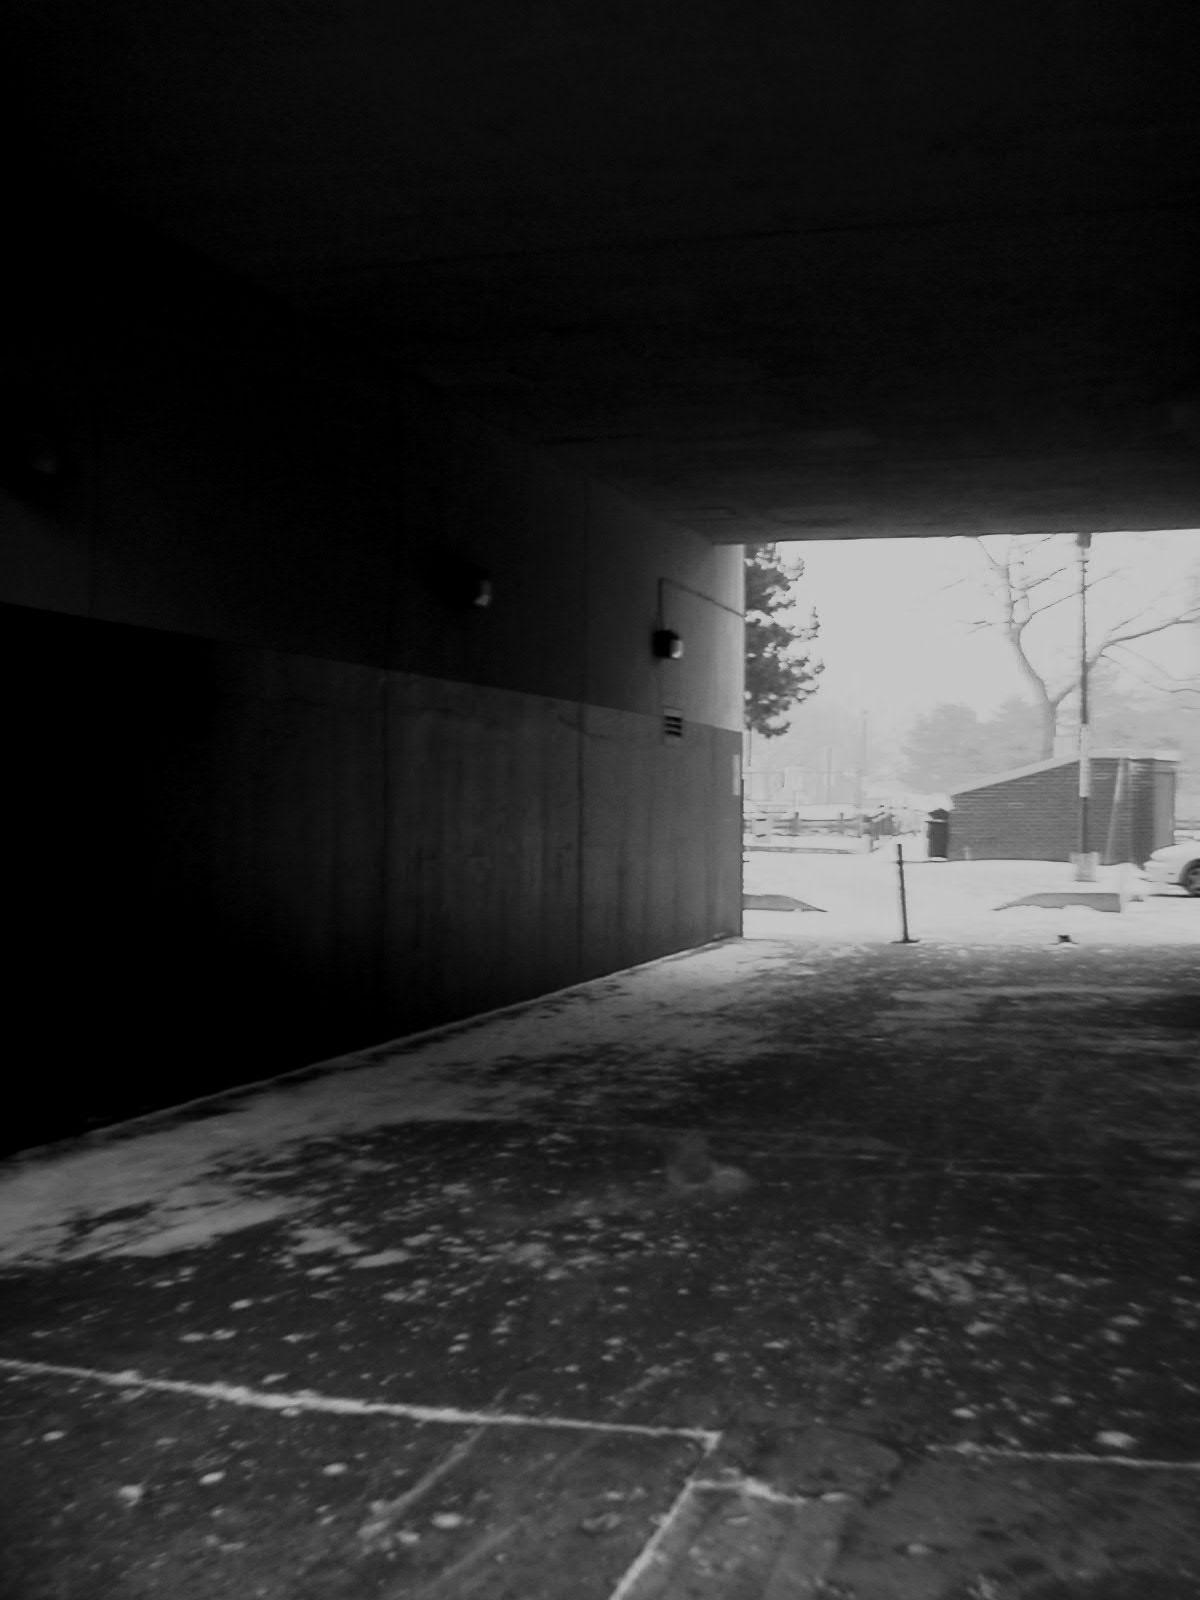 Empty, monochrome